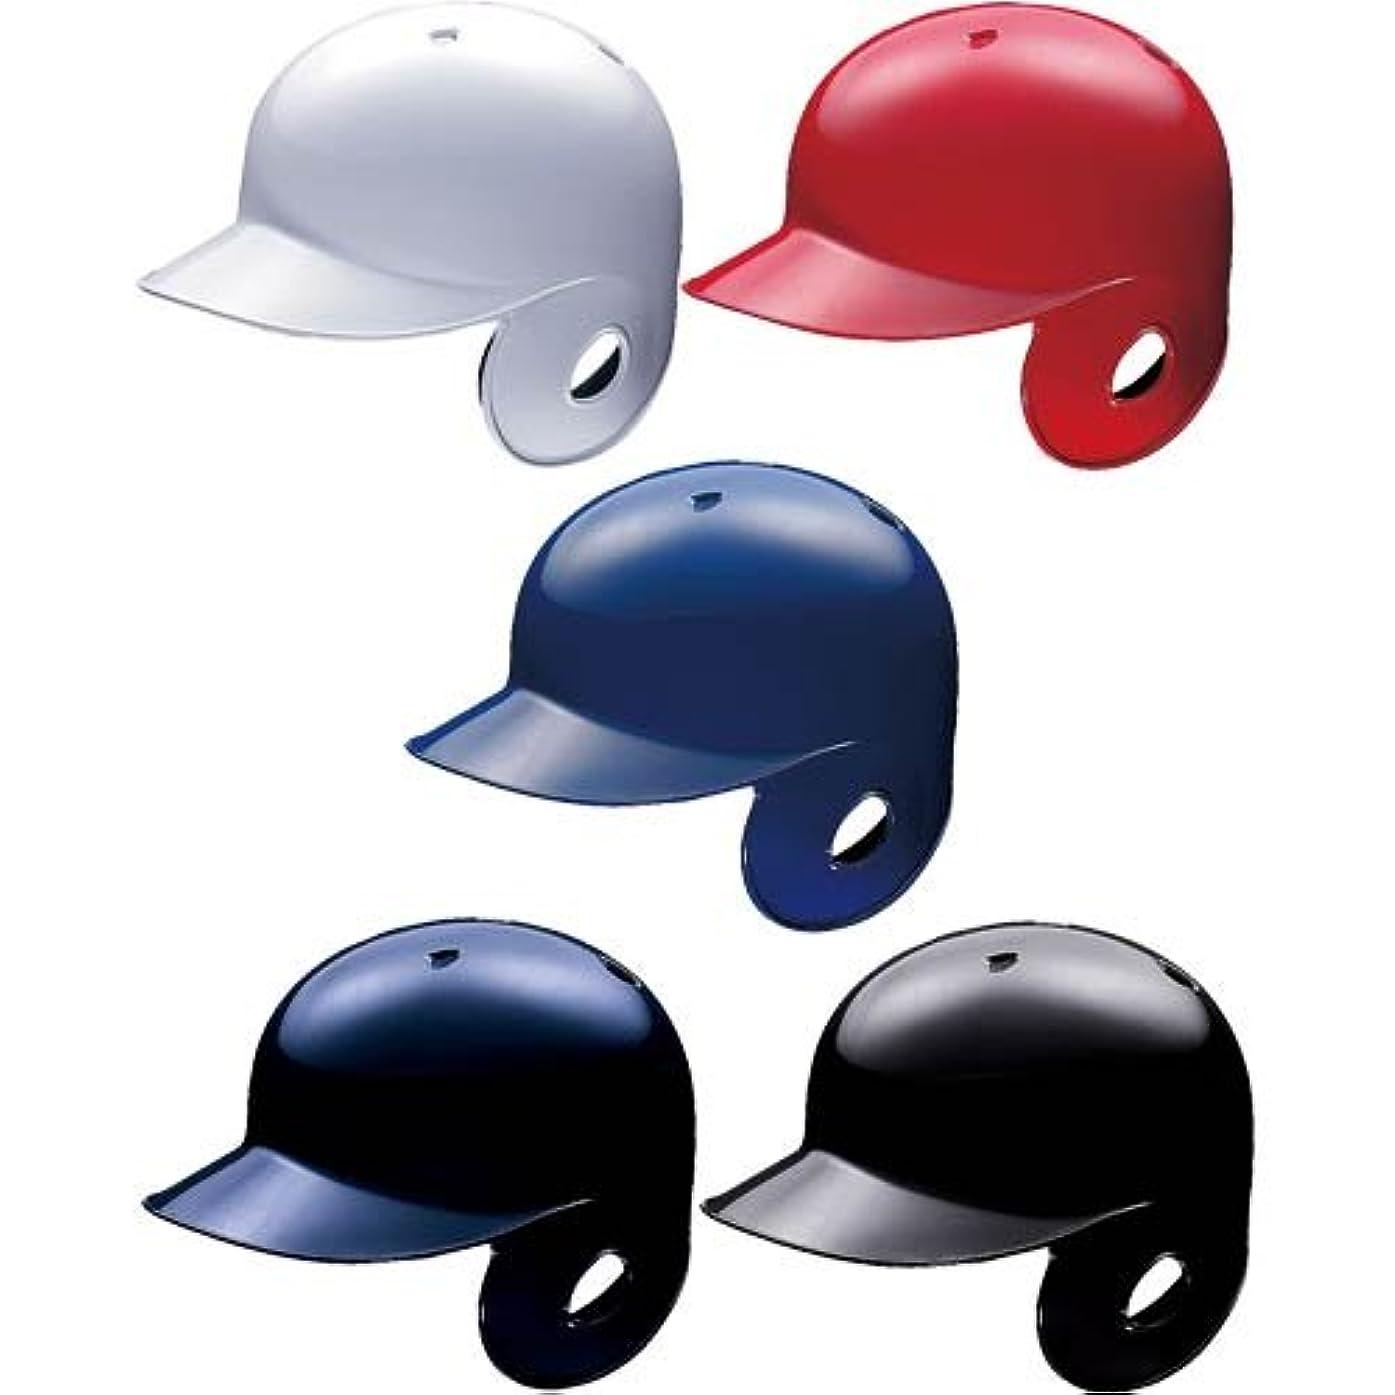 王位非武装化質量アシックス 軟式 野球用 打者用 片耳 ヘルメット (ロイヤル(43), 右打者用(BPB441)?L(58?59cm))